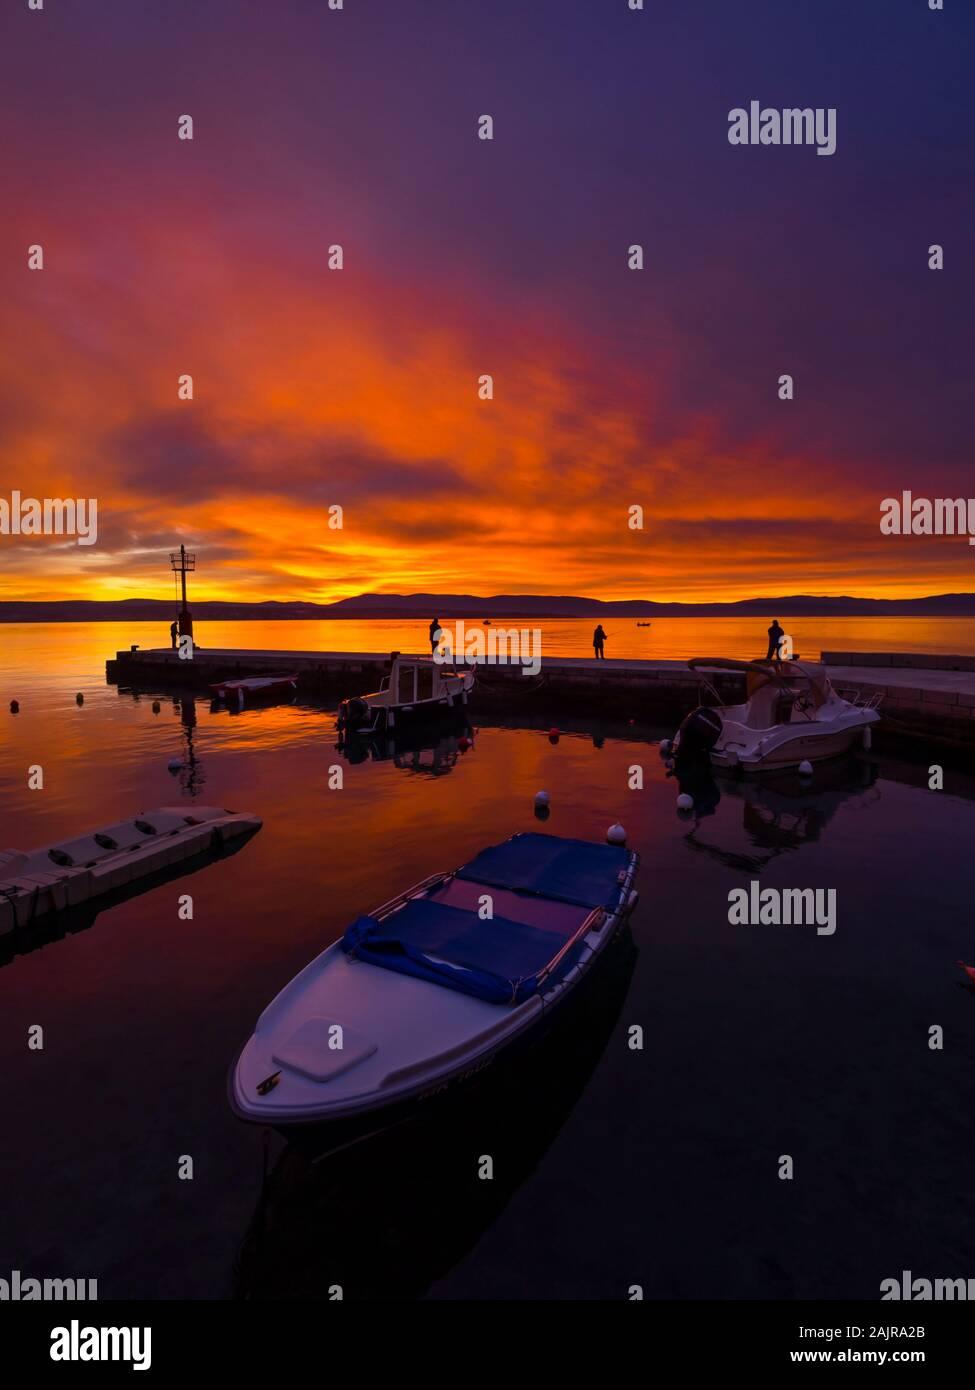 Les pêcheurs avant le coucher du soleil paysage dans petit port à Malinska en Croatie l'atmosphère paisible ciel glorieux seawall Ribarsko selo Haludovo Kvarner Banque D'Images